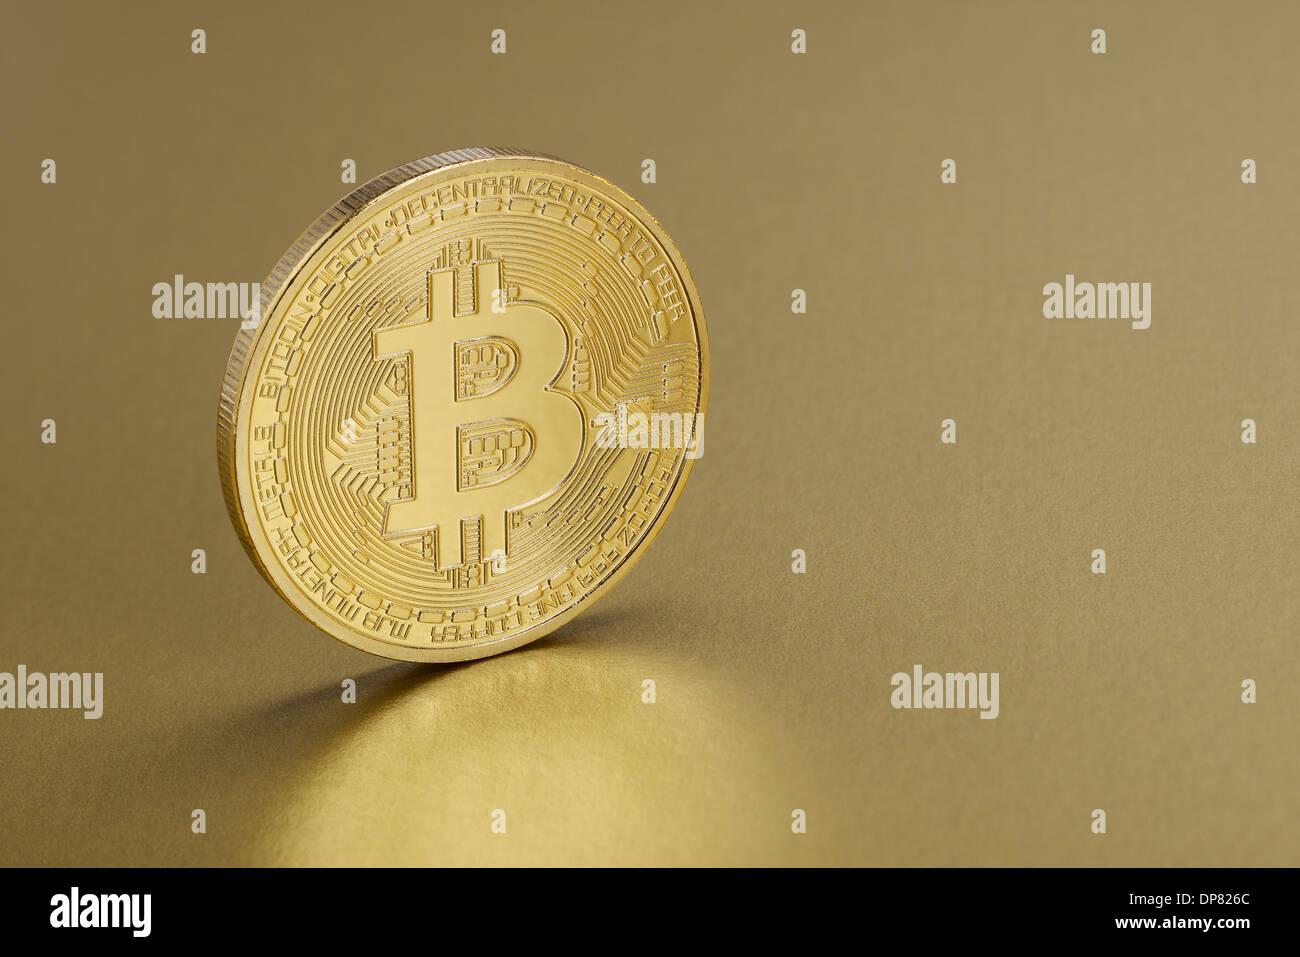 Golden Bitcoin coin - Stock Image